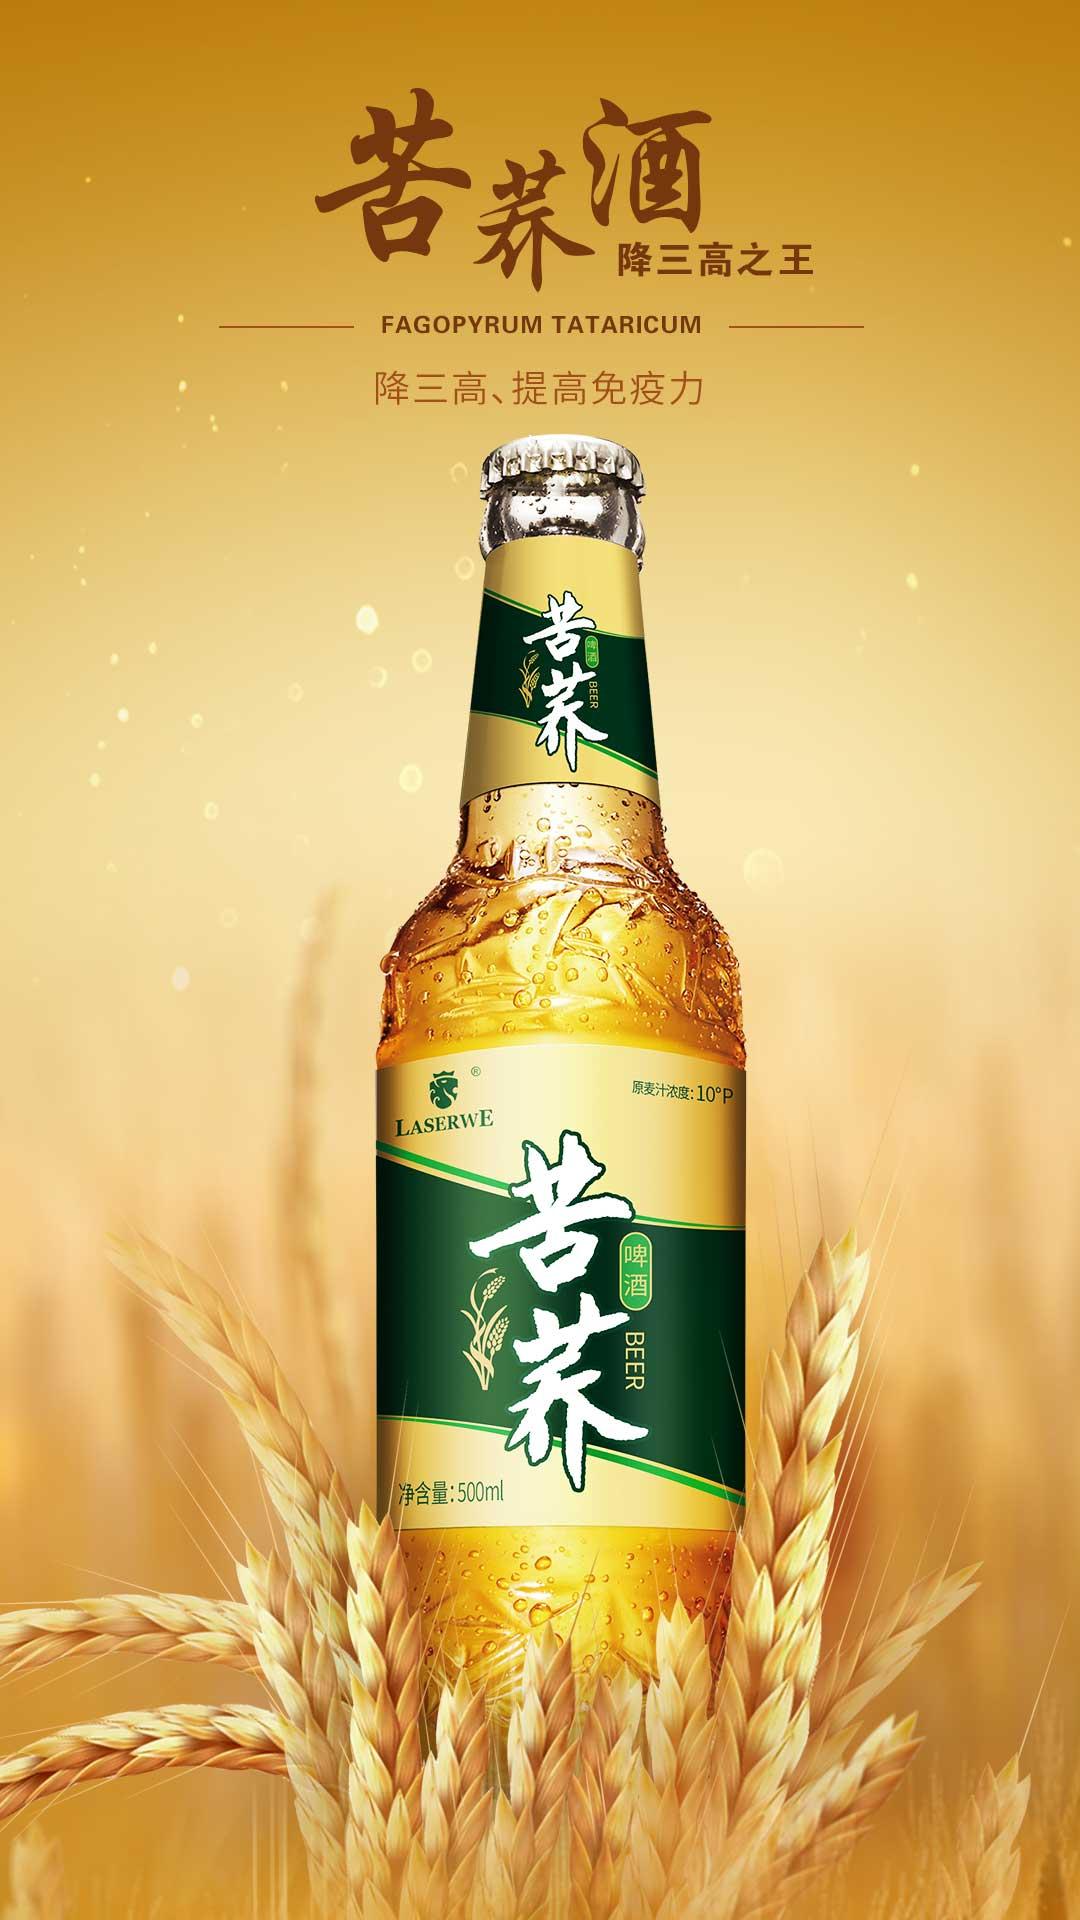 瀾圣威苦蕎啤酒